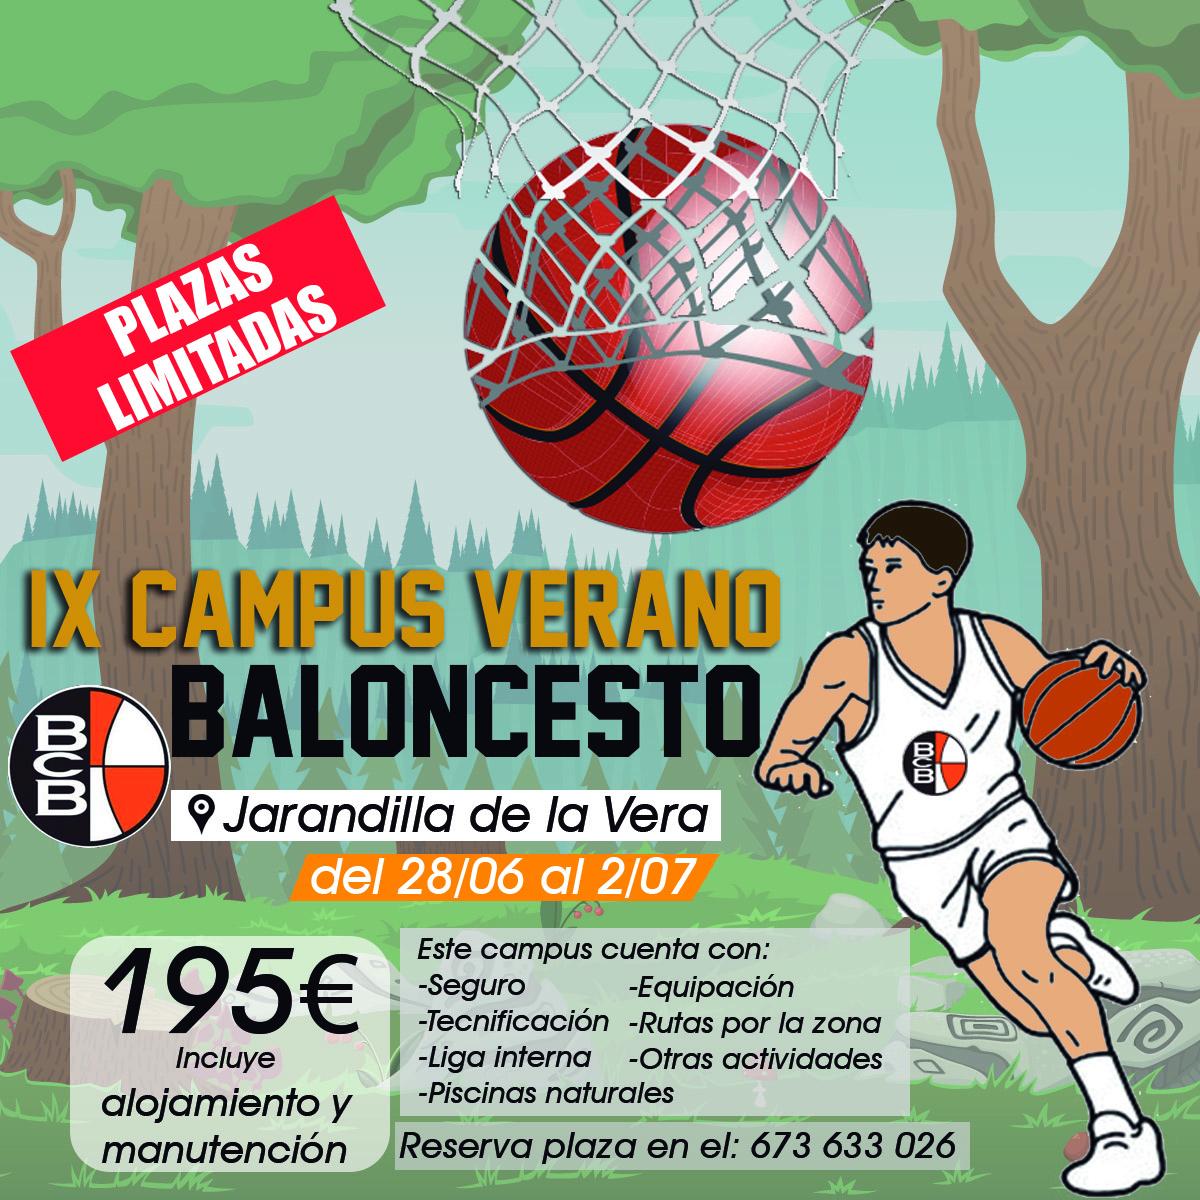 Campus de baloncesto BCB de verano